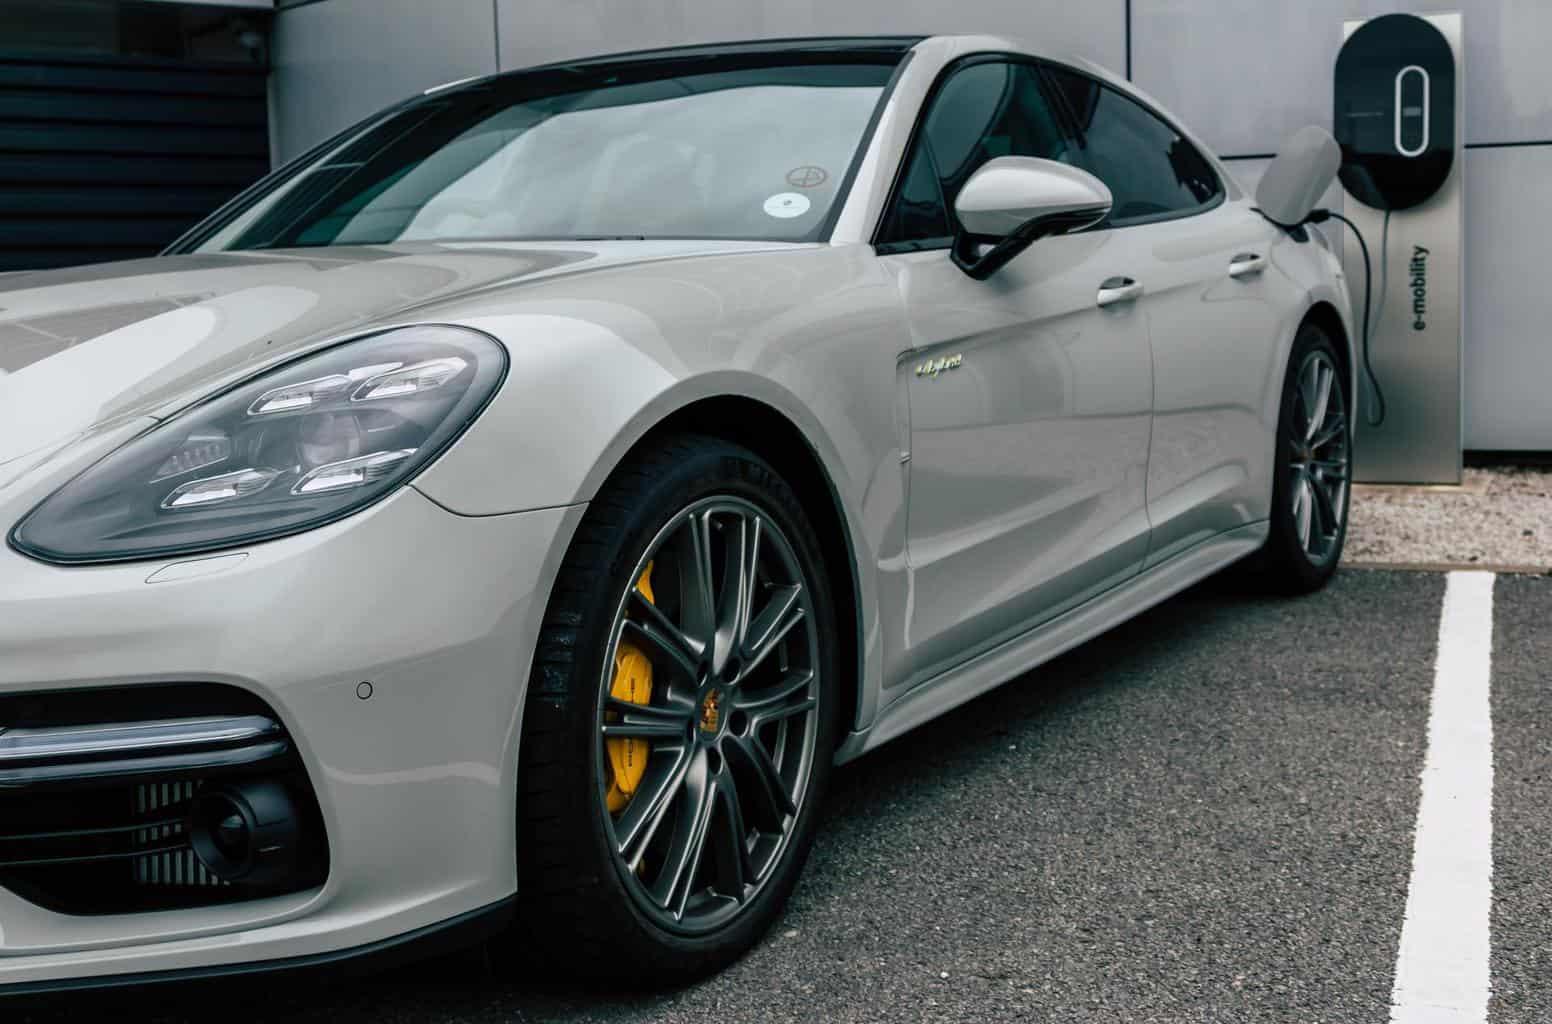 Porsche treibt Batteriezellenfertigung in Deutschland voran